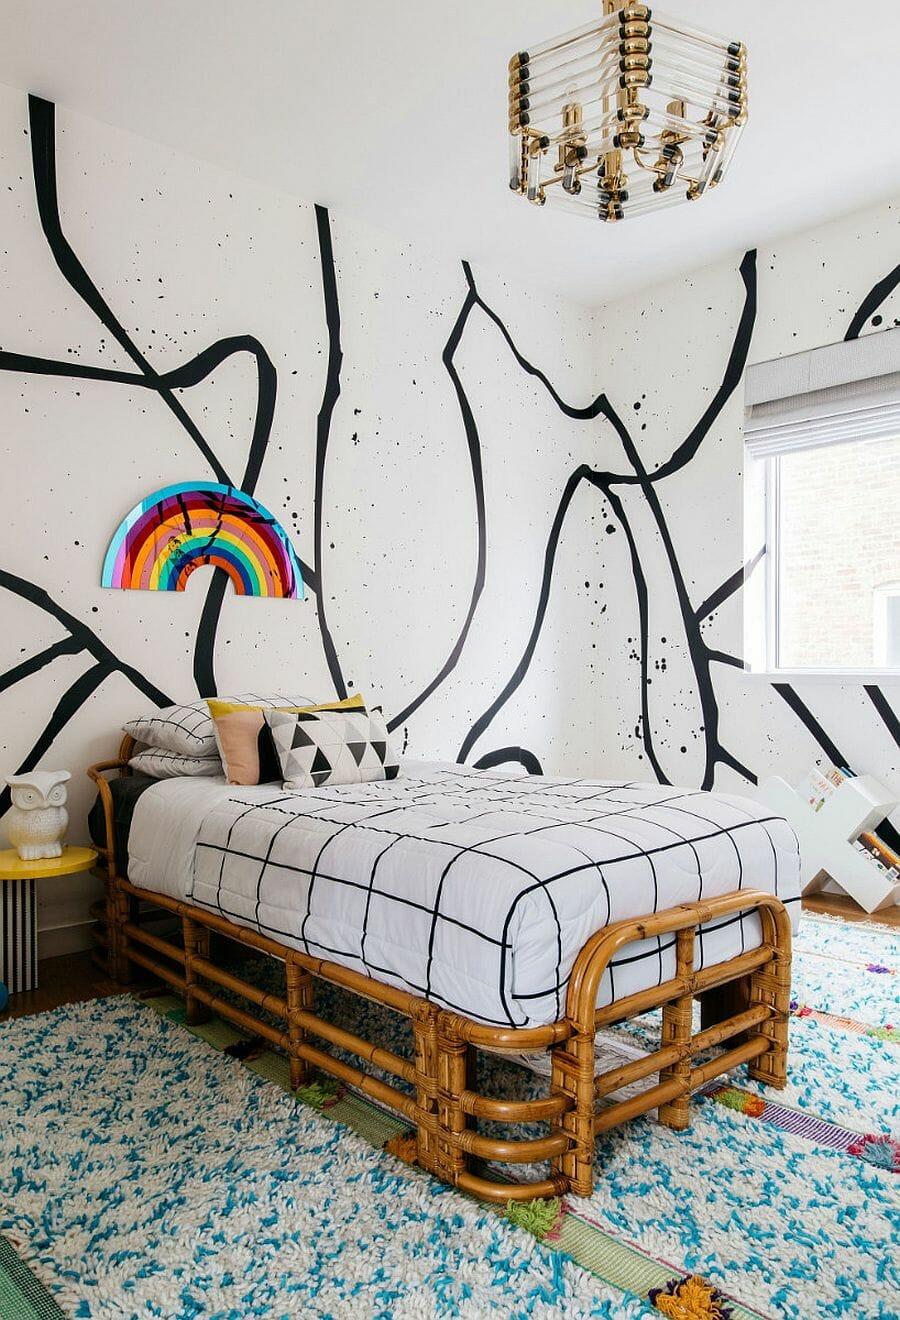 hình ảnh phòng ngủ phá cách cho cô nàng tuổi teen